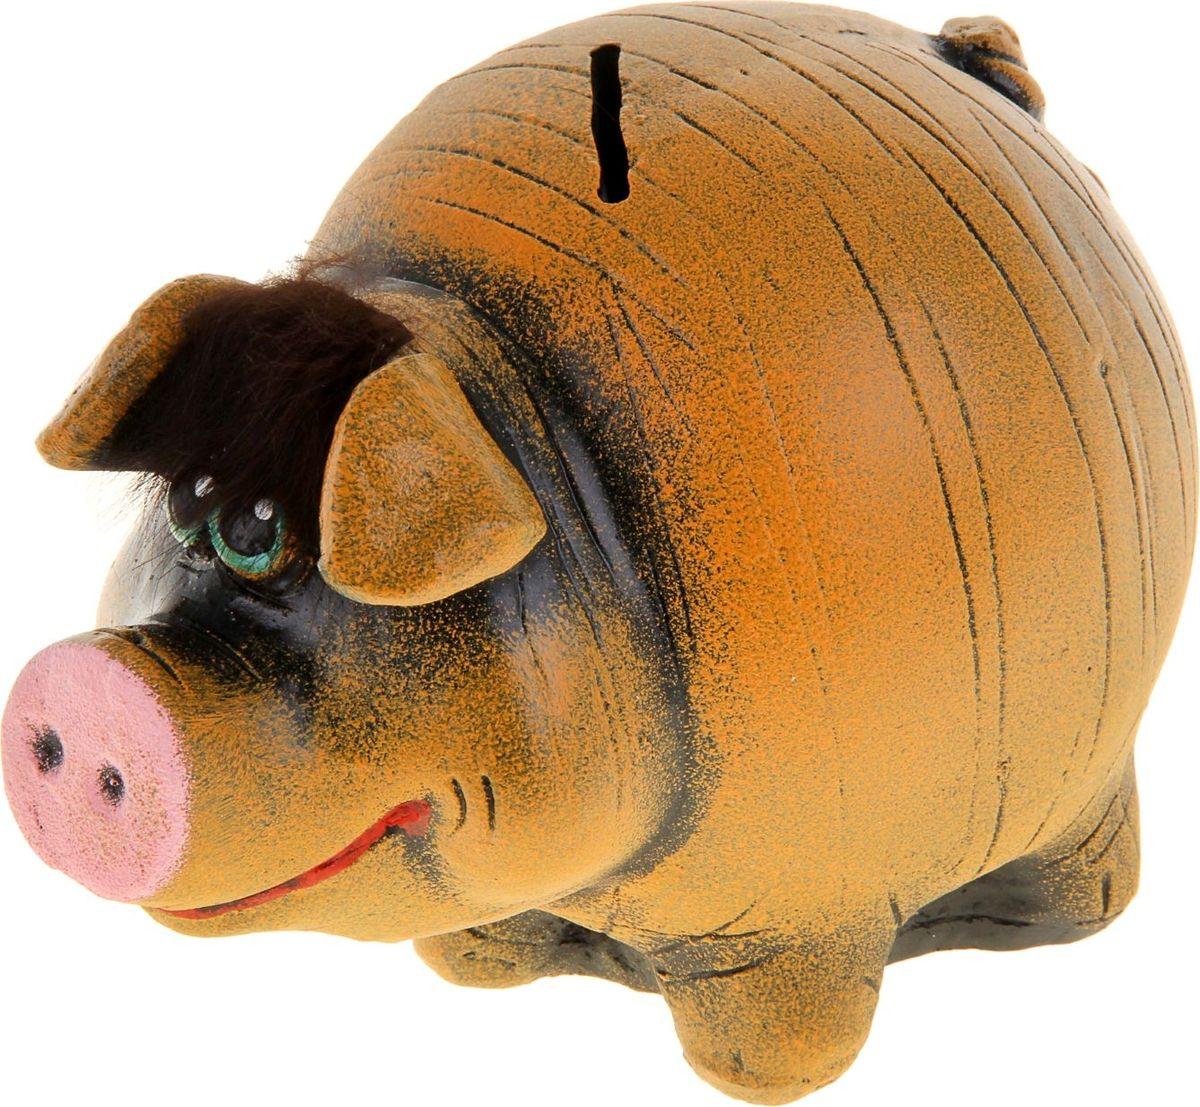 Копилка Кабан, цвет: коричневый, 10 х 12 х 23 см1023908Копилка — универсальный вариант подарка любому человеку, ведь каждый из нас мечтает о какой-то дорогостоящей вещи и откладывает или собирается откладывать деньги на её приобретение. Вместительная копилка станет прекрасным хранителем сбережений и украшением интерьера. Она выглядит так ярко и эффектно, что проходя мимо, обязательно захочется забросить пару монет.Обращаем ваше внимание, что копилка является одноразовой.